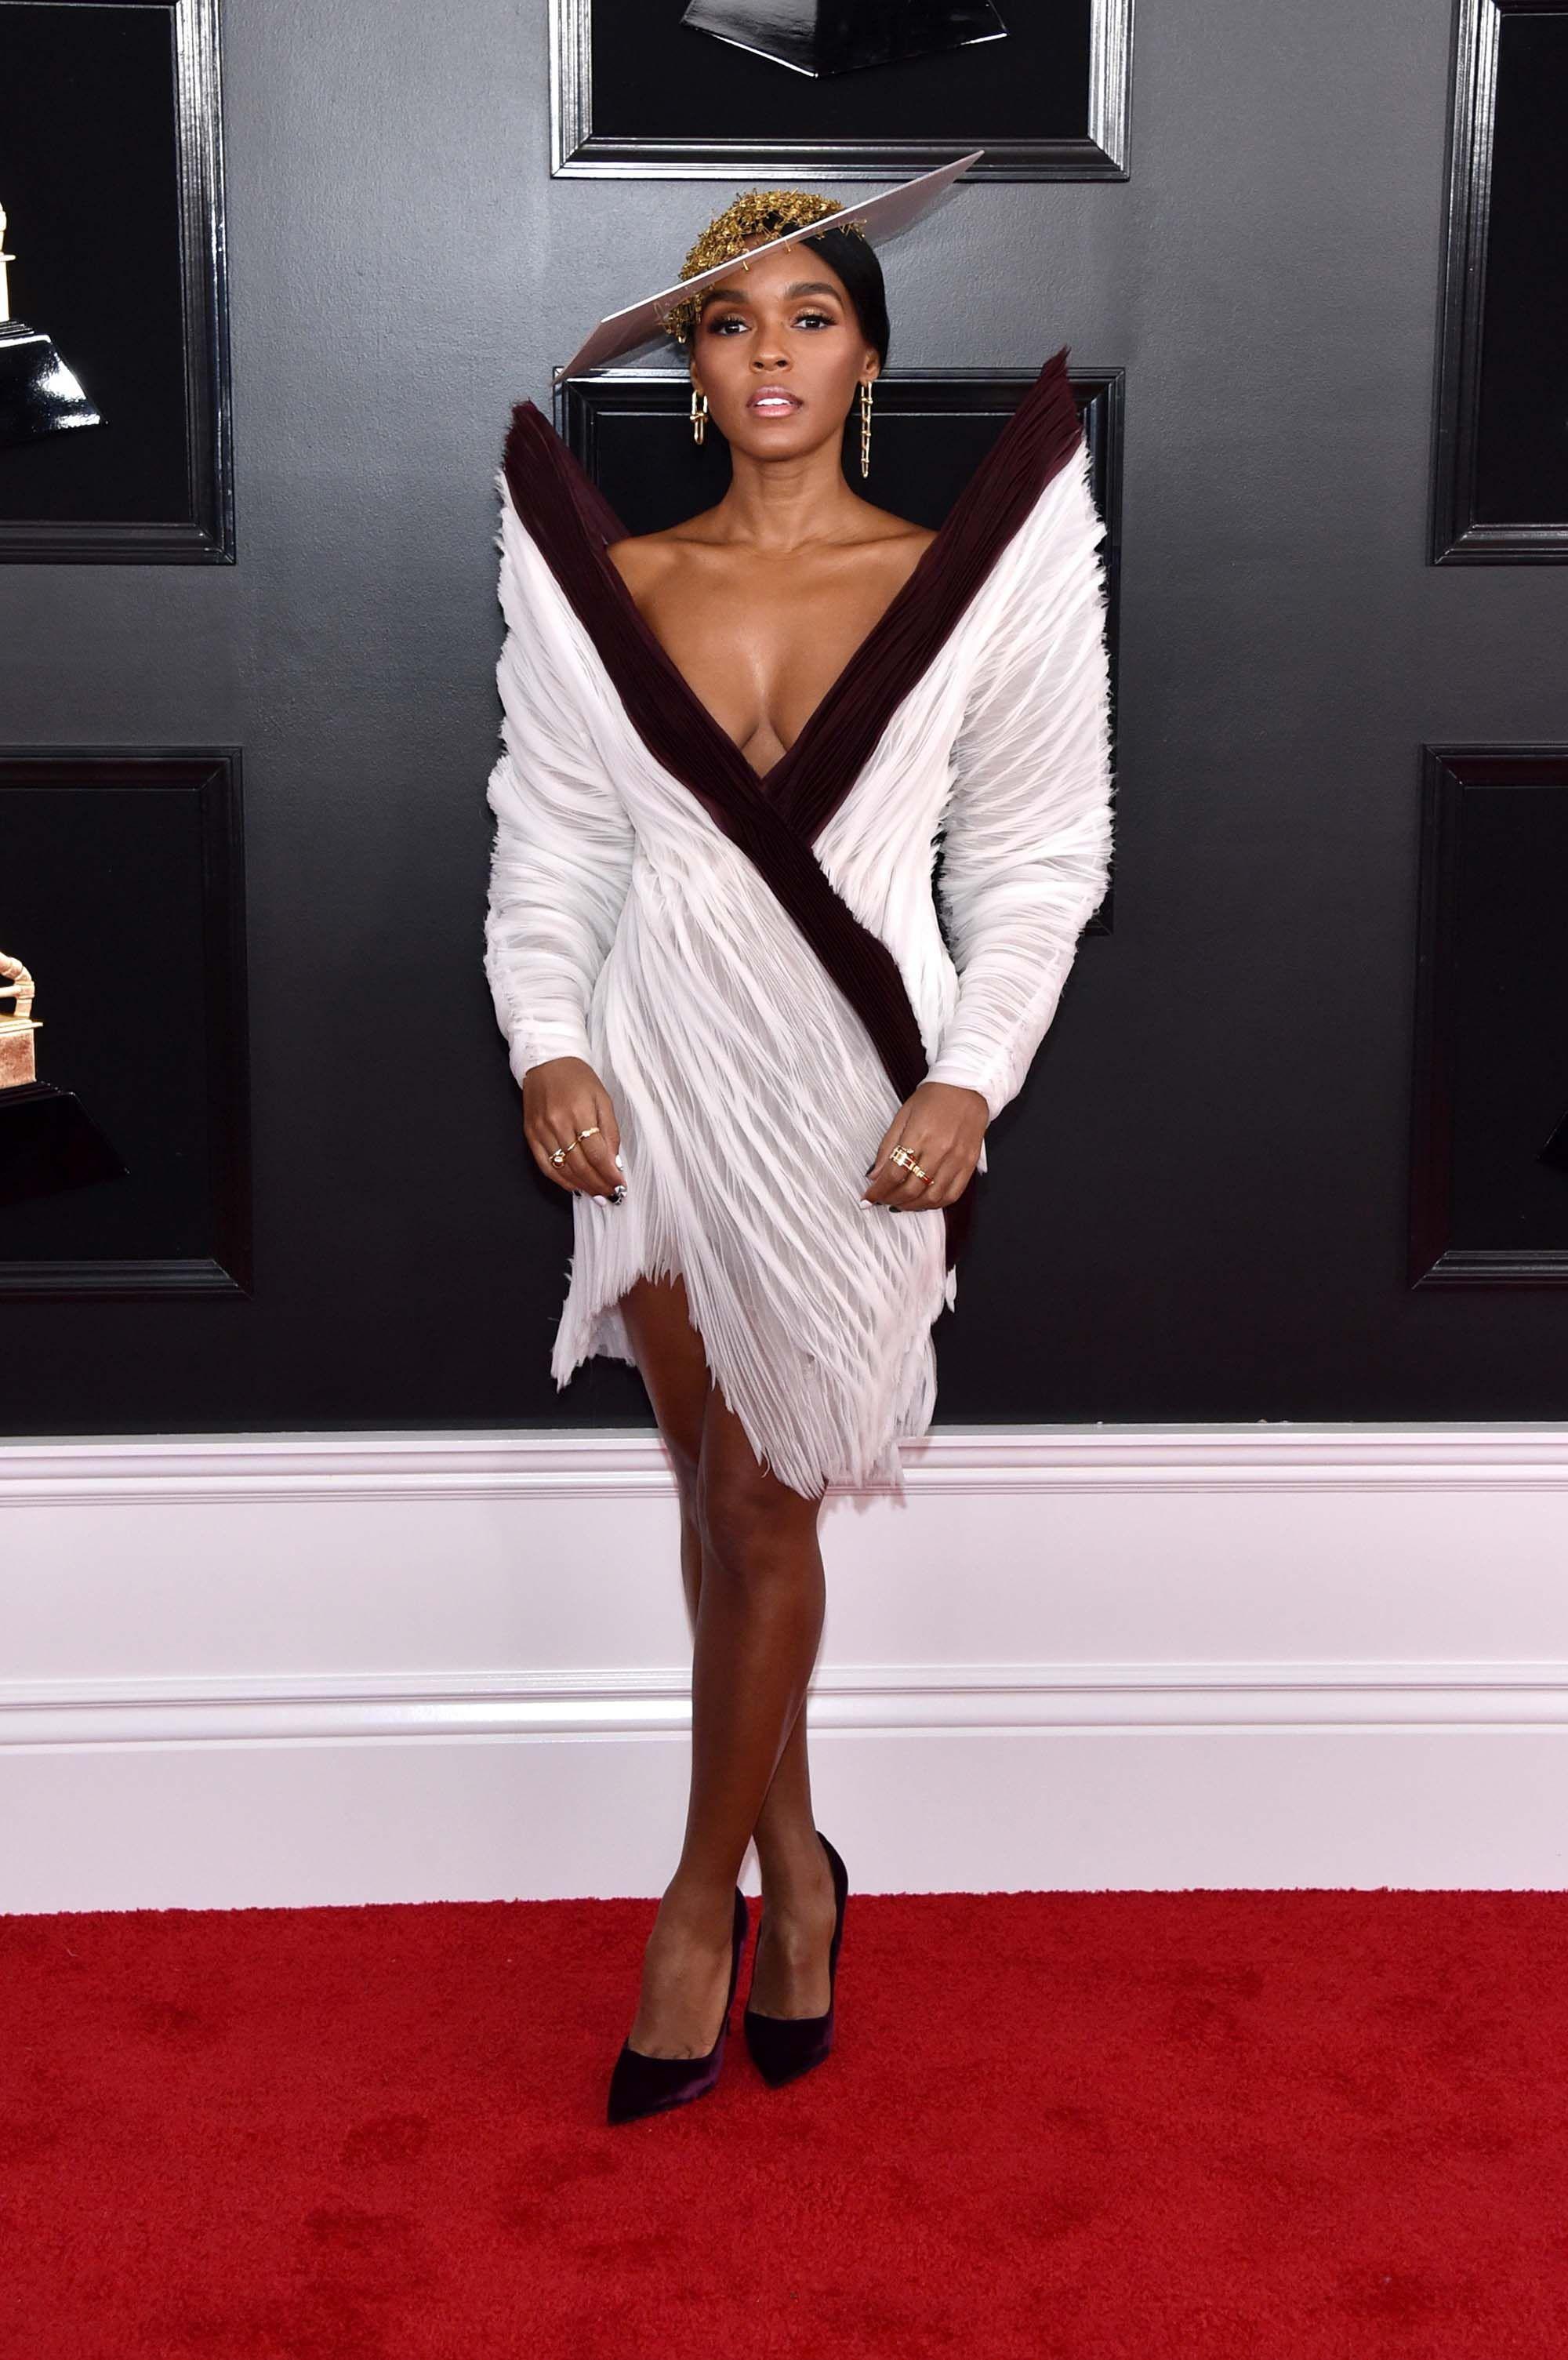 c00c6c784 Los mejores looks de los Grammy 2019 - Los vestidos de los Grammy 2019